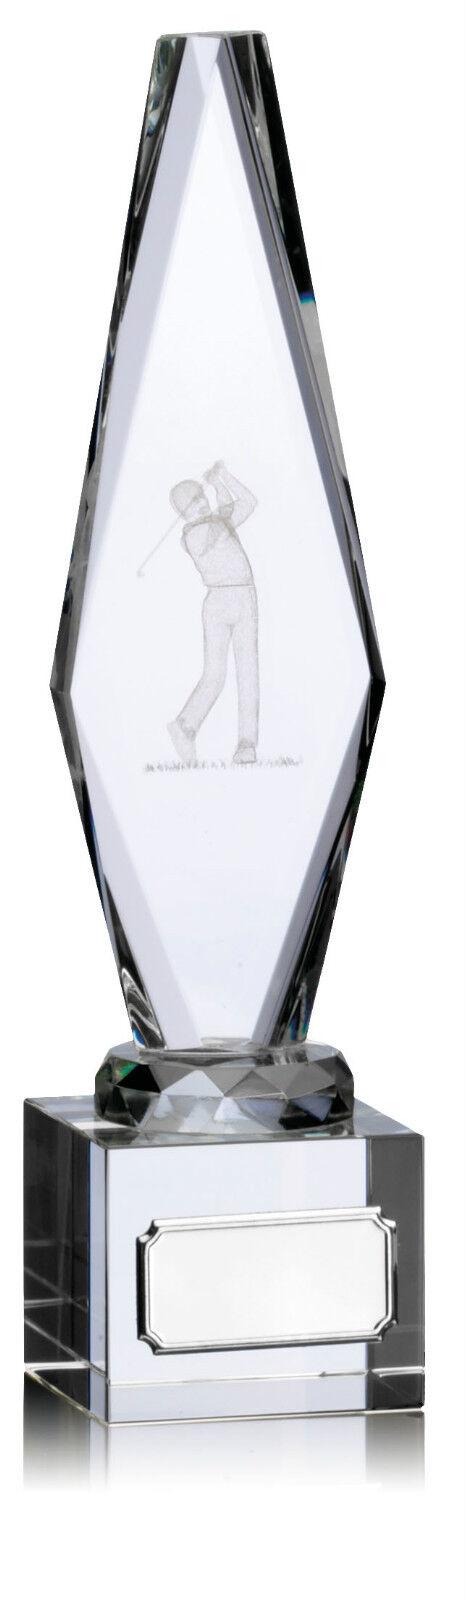 Verre golf Gravure trophée gratuite Gravure golf et gratuit Boîte de présentation d4af93